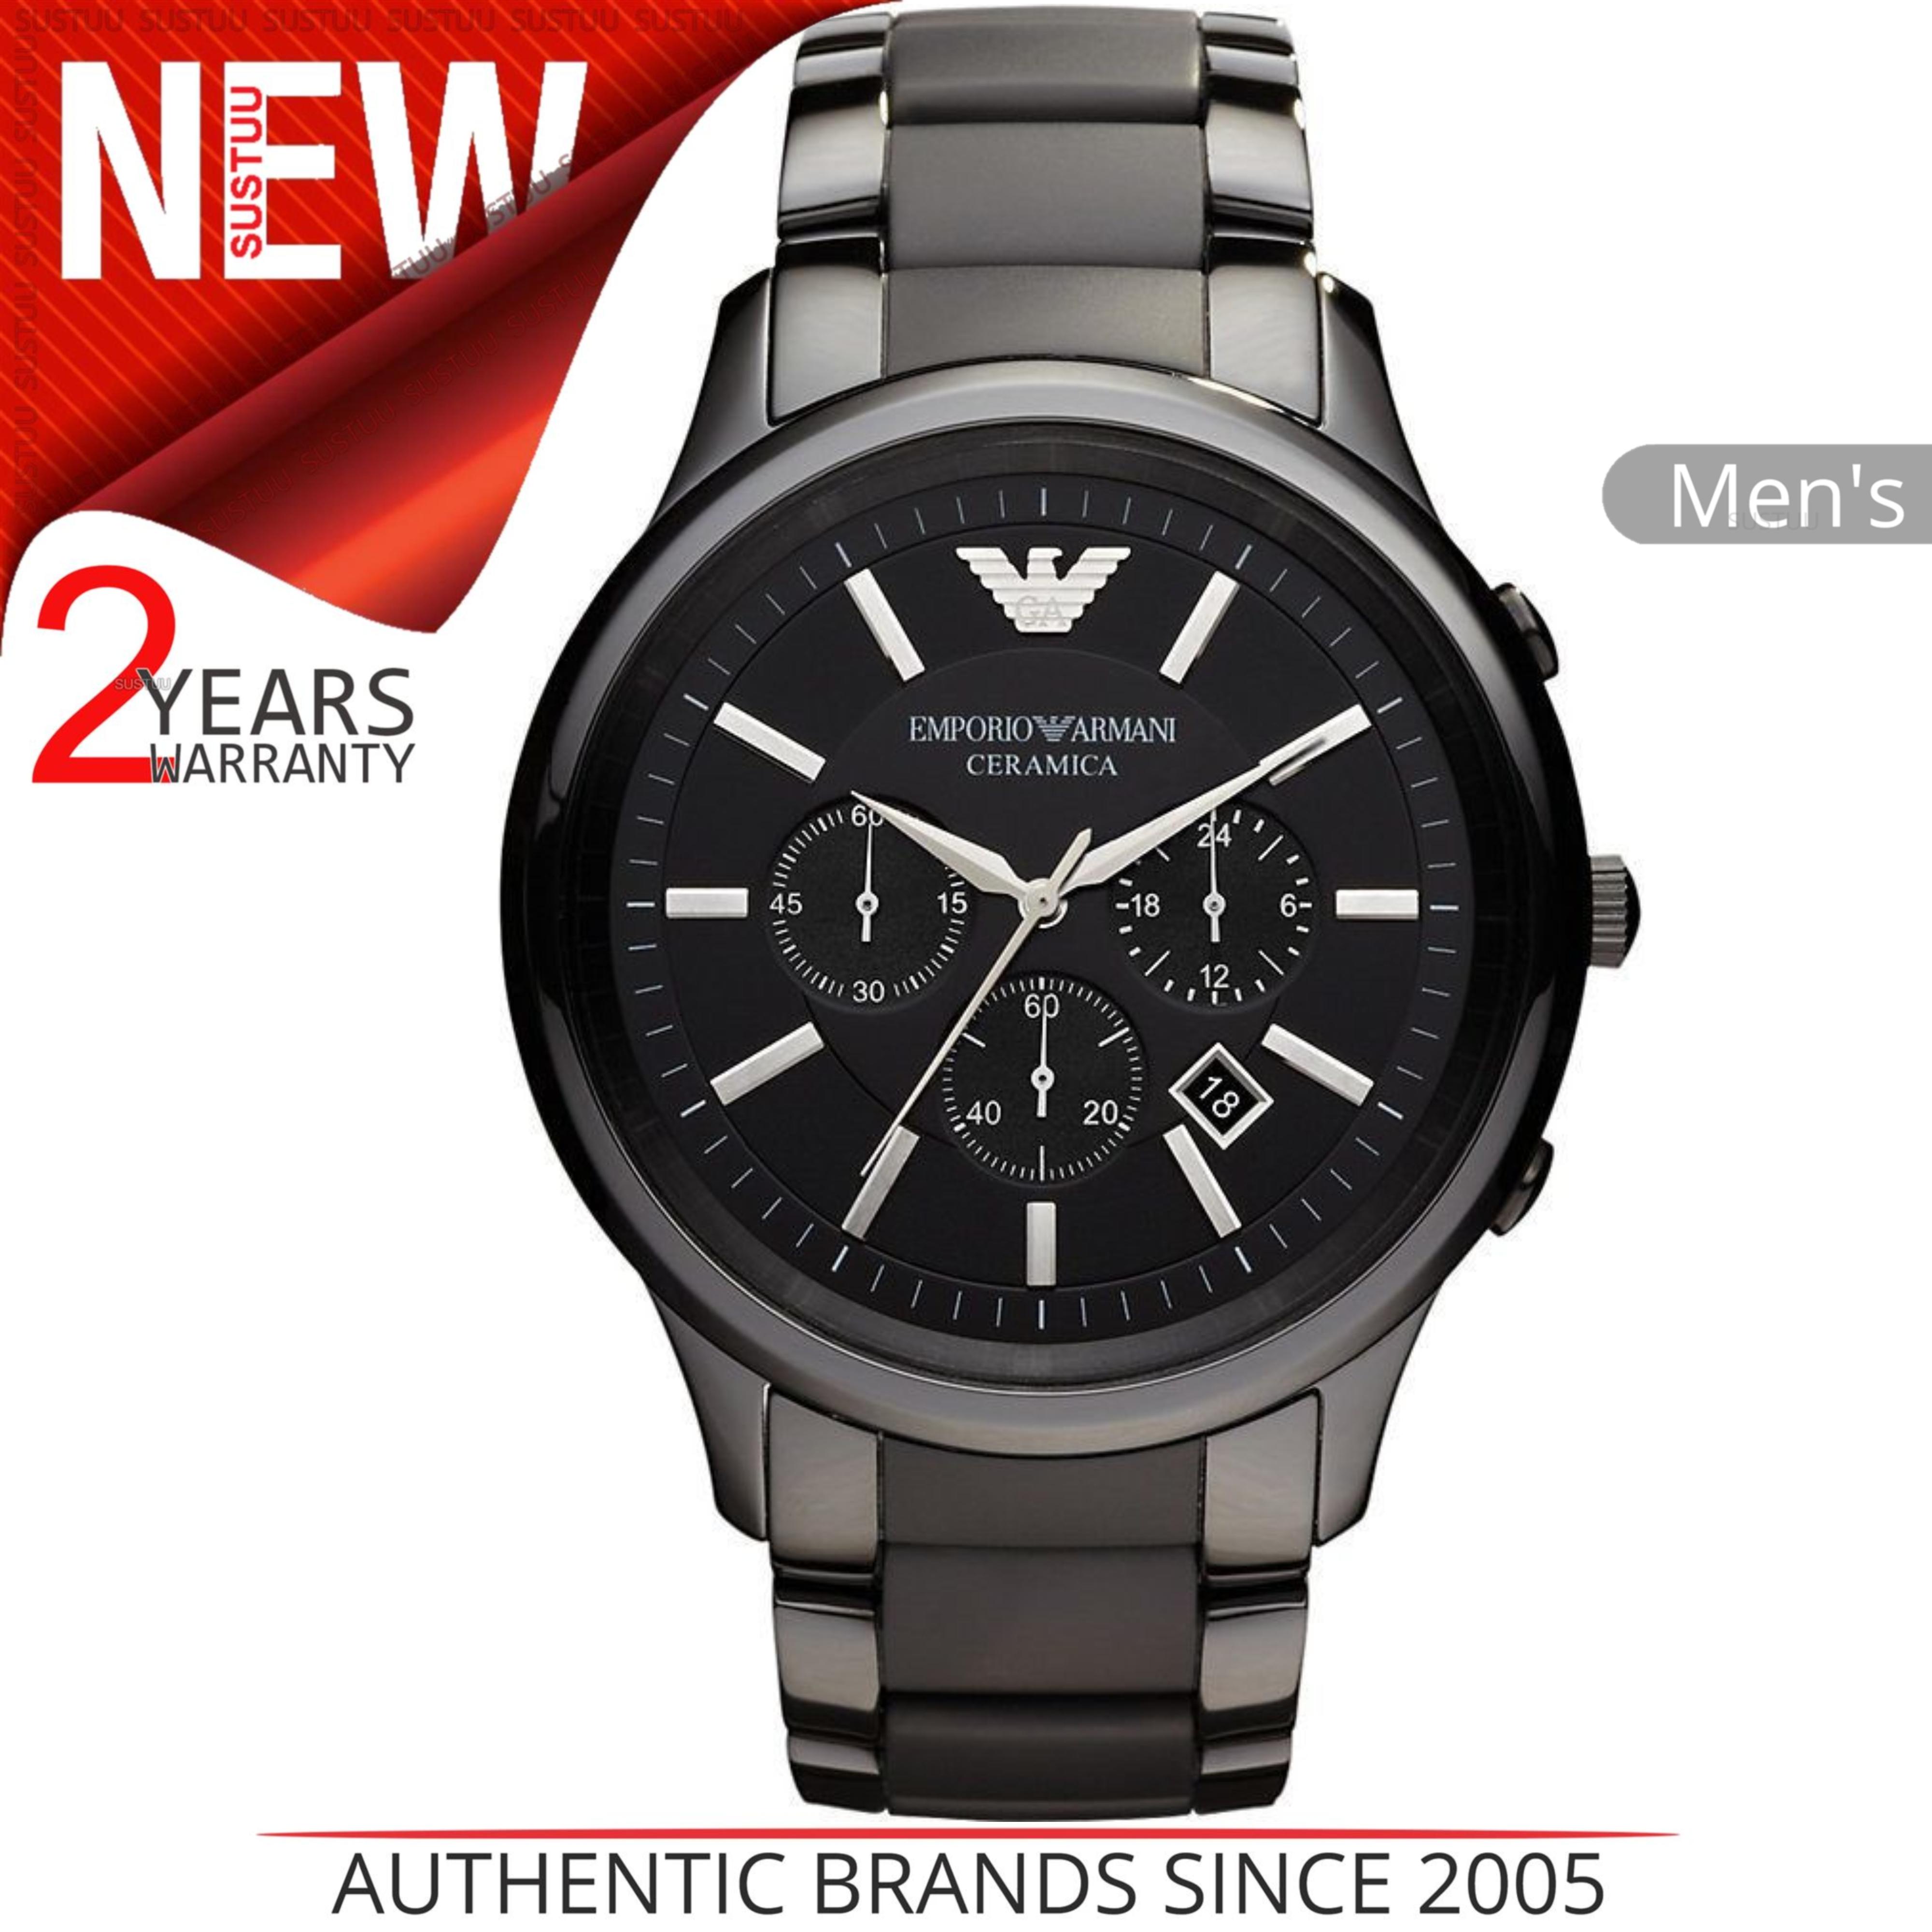 61b4cae3719 CENTINELA Watch│Chronograph Dial│Ceramic Bracelet│AR1452 de hombres de Emporio  Armani Ceramica